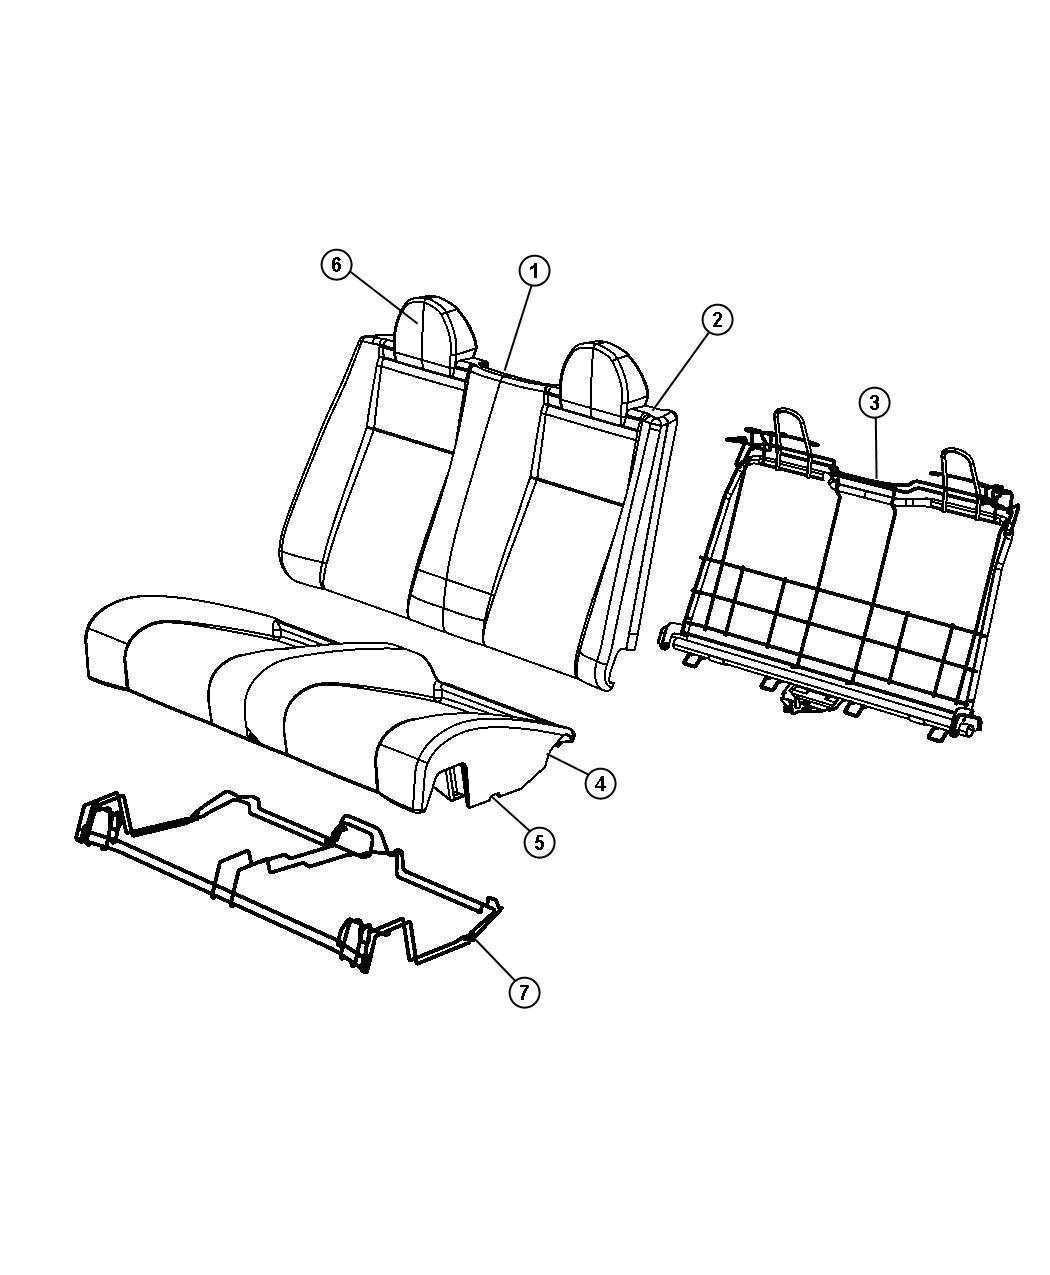 Chrysler Sebring Seat back. Rear. [dv], export, [dv